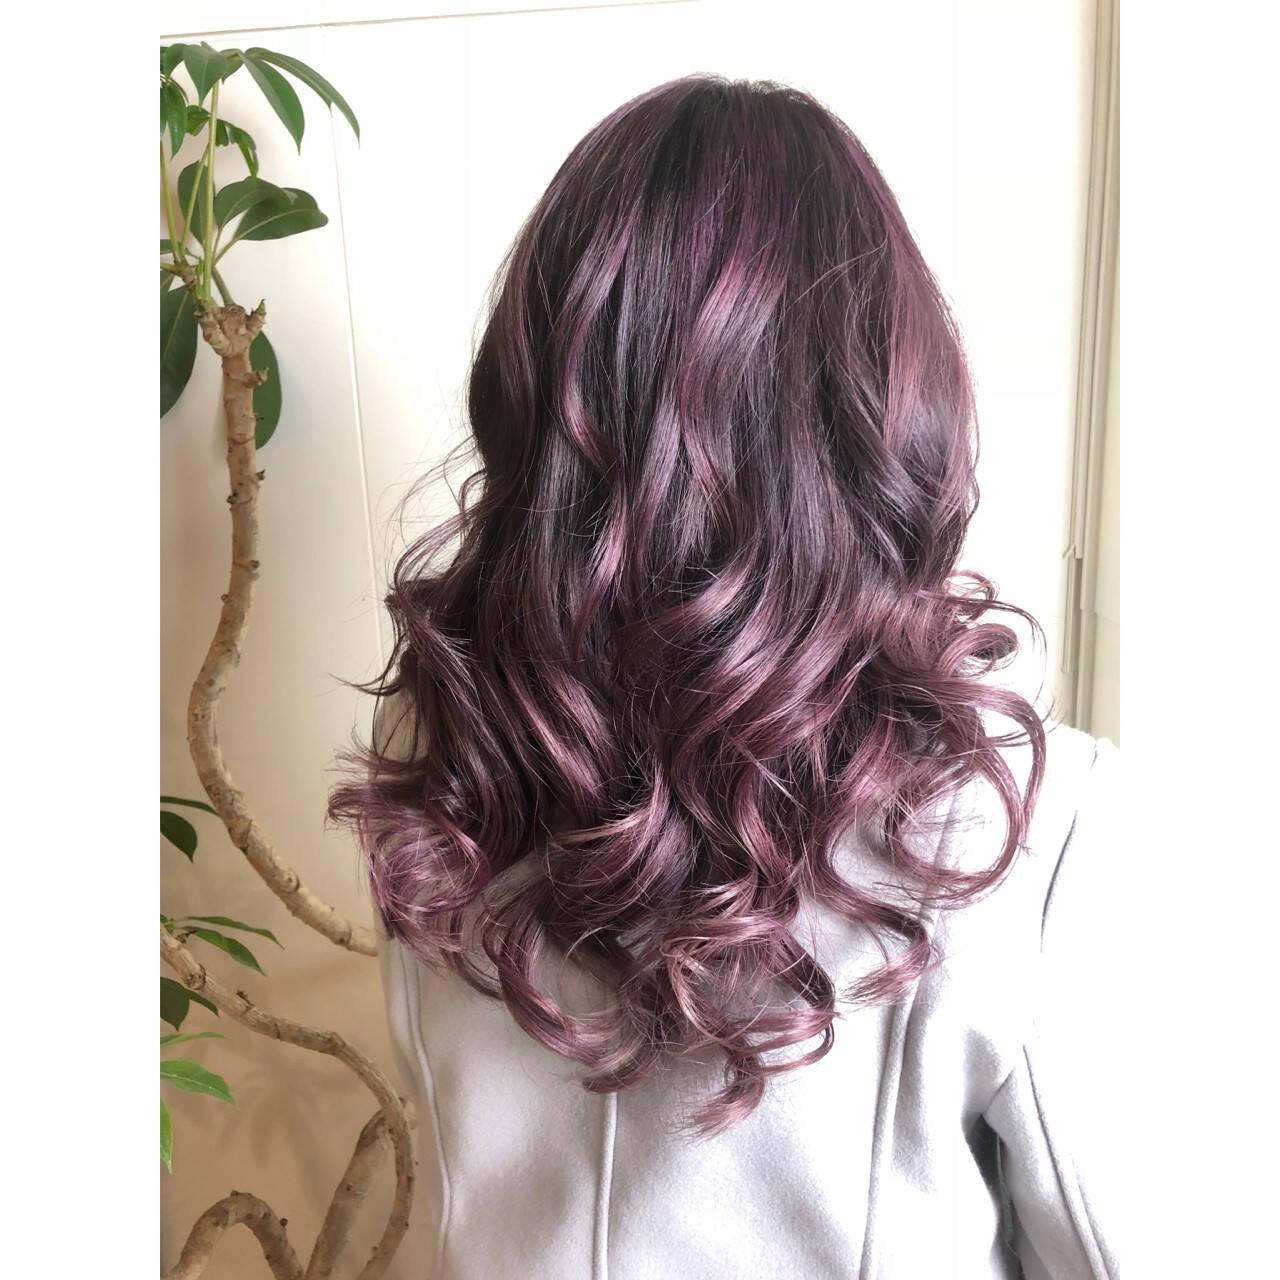 フェミニン グラデーションカラー ピンク パープルヘアスタイルや髪型の写真・画像